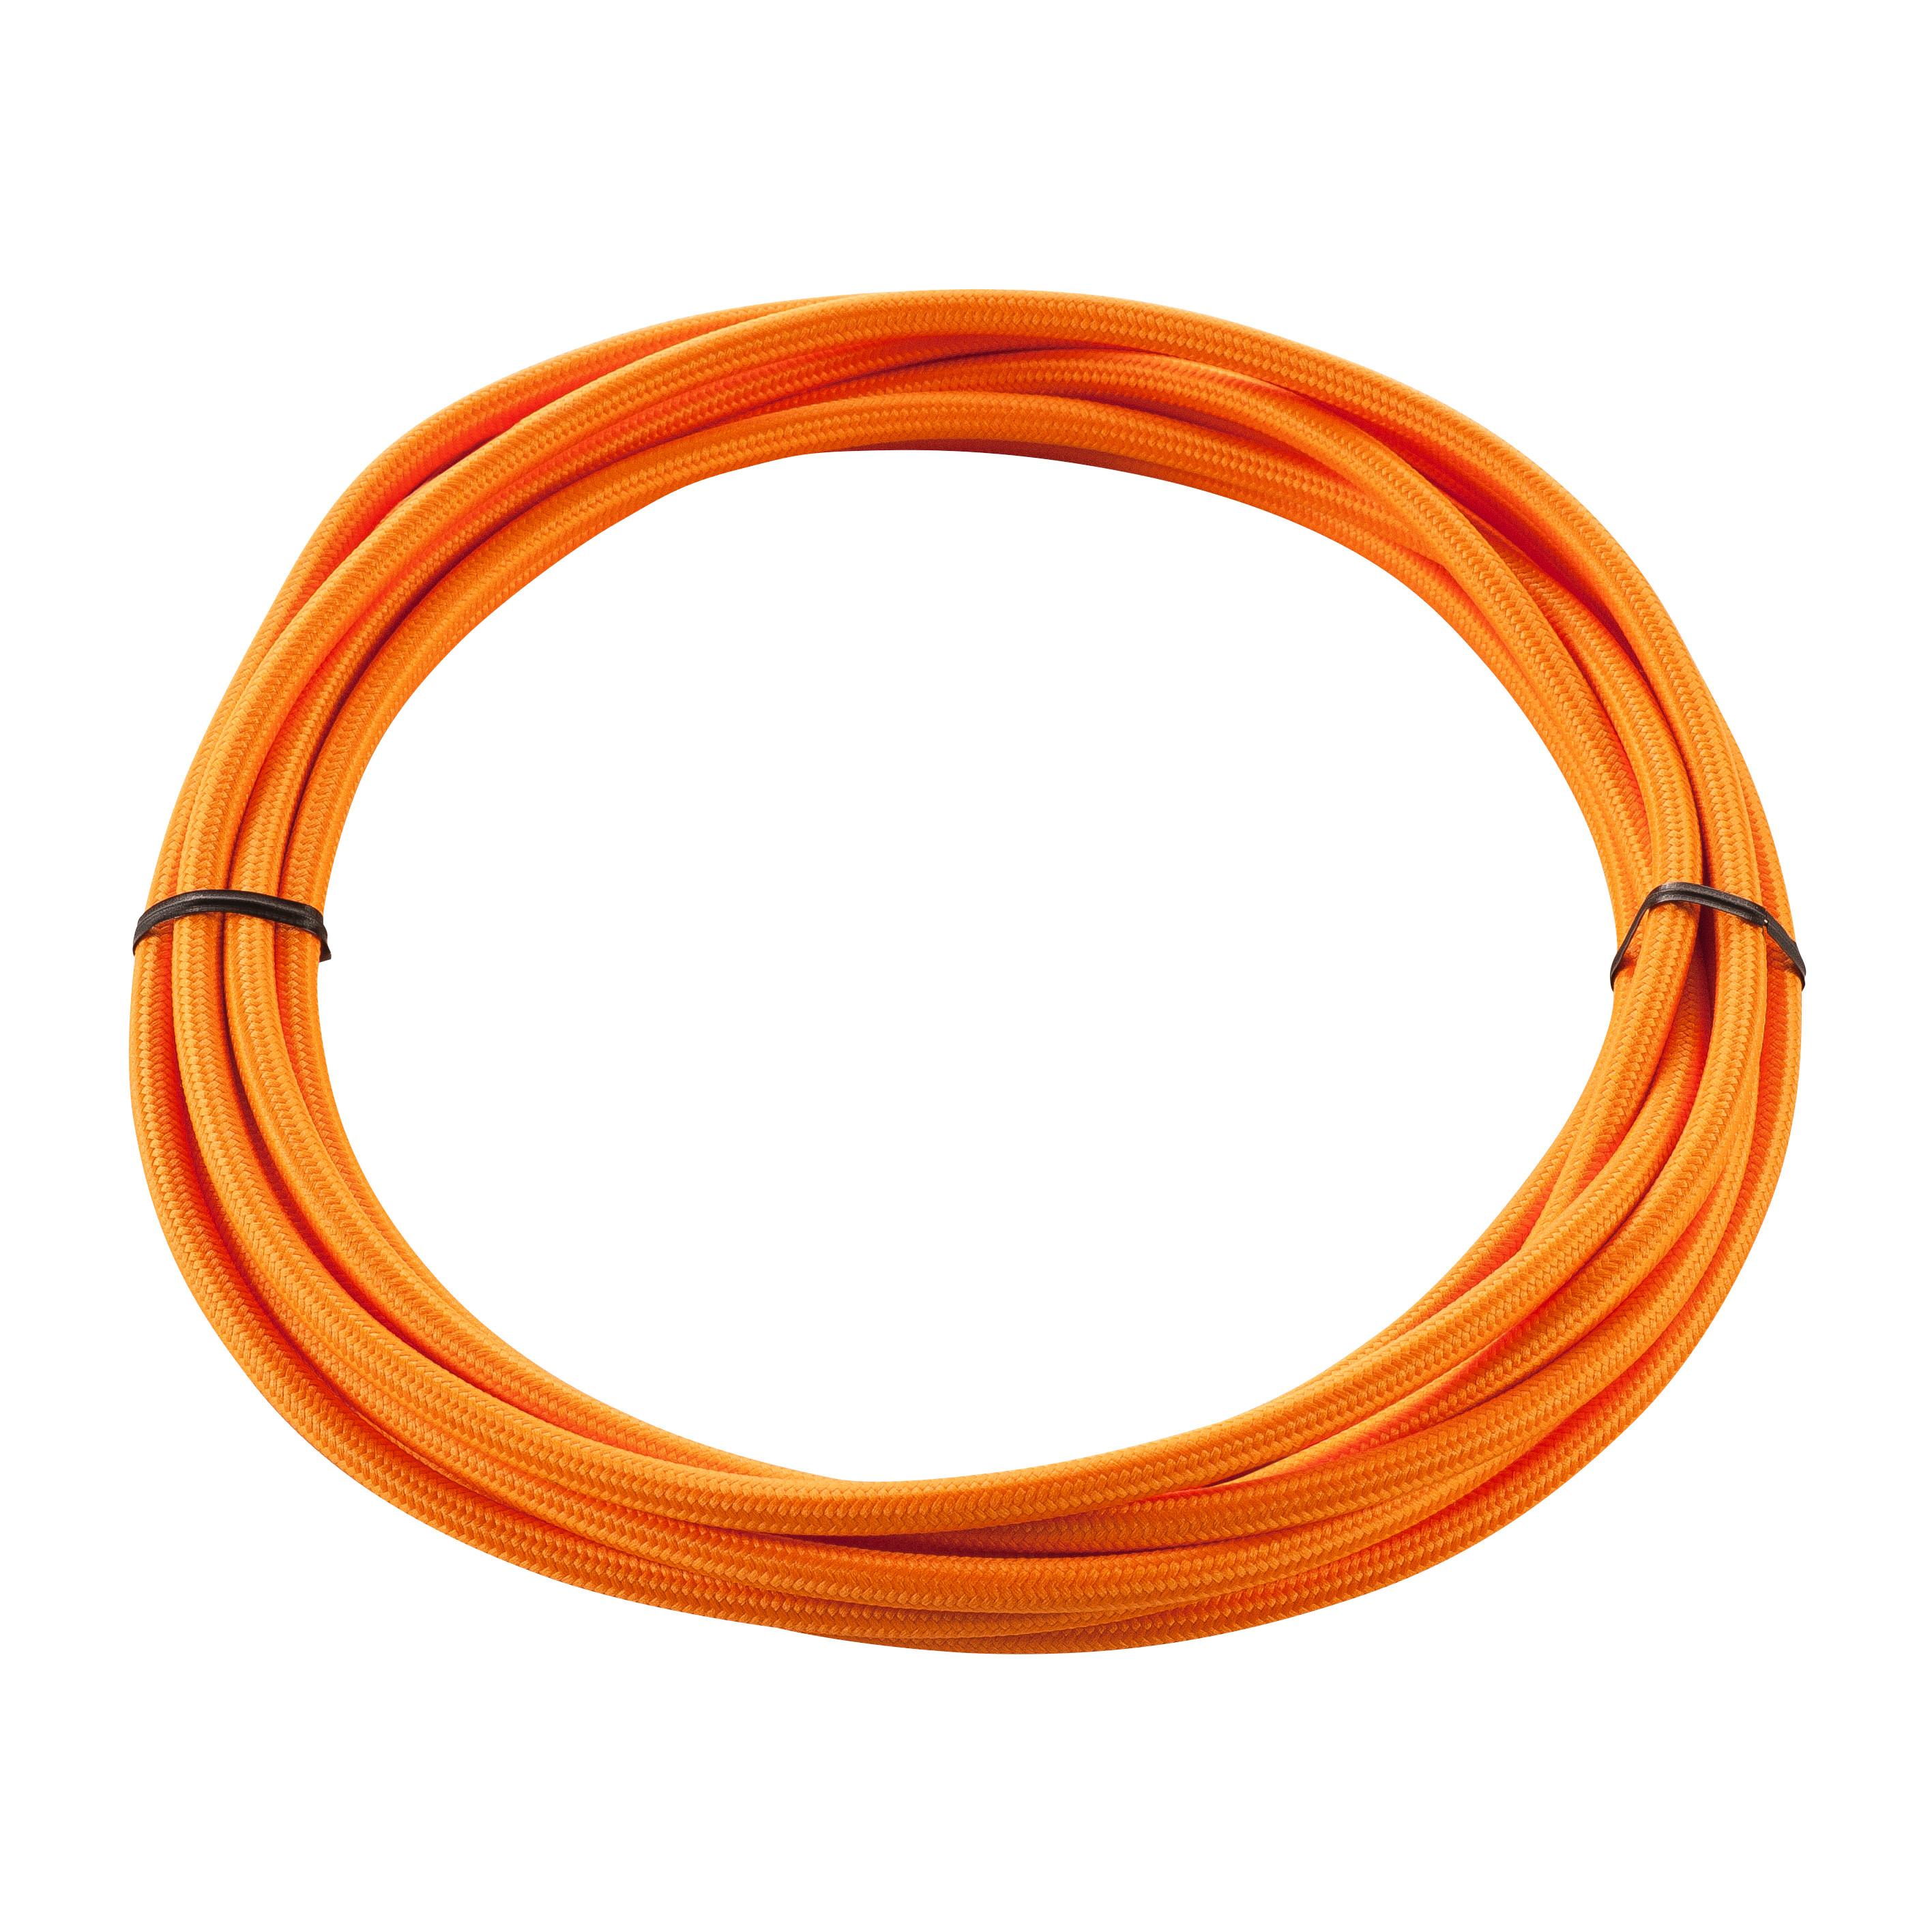 1 Stk TEXTILKABEL, 3-polig, 5 m, orange LI961374--